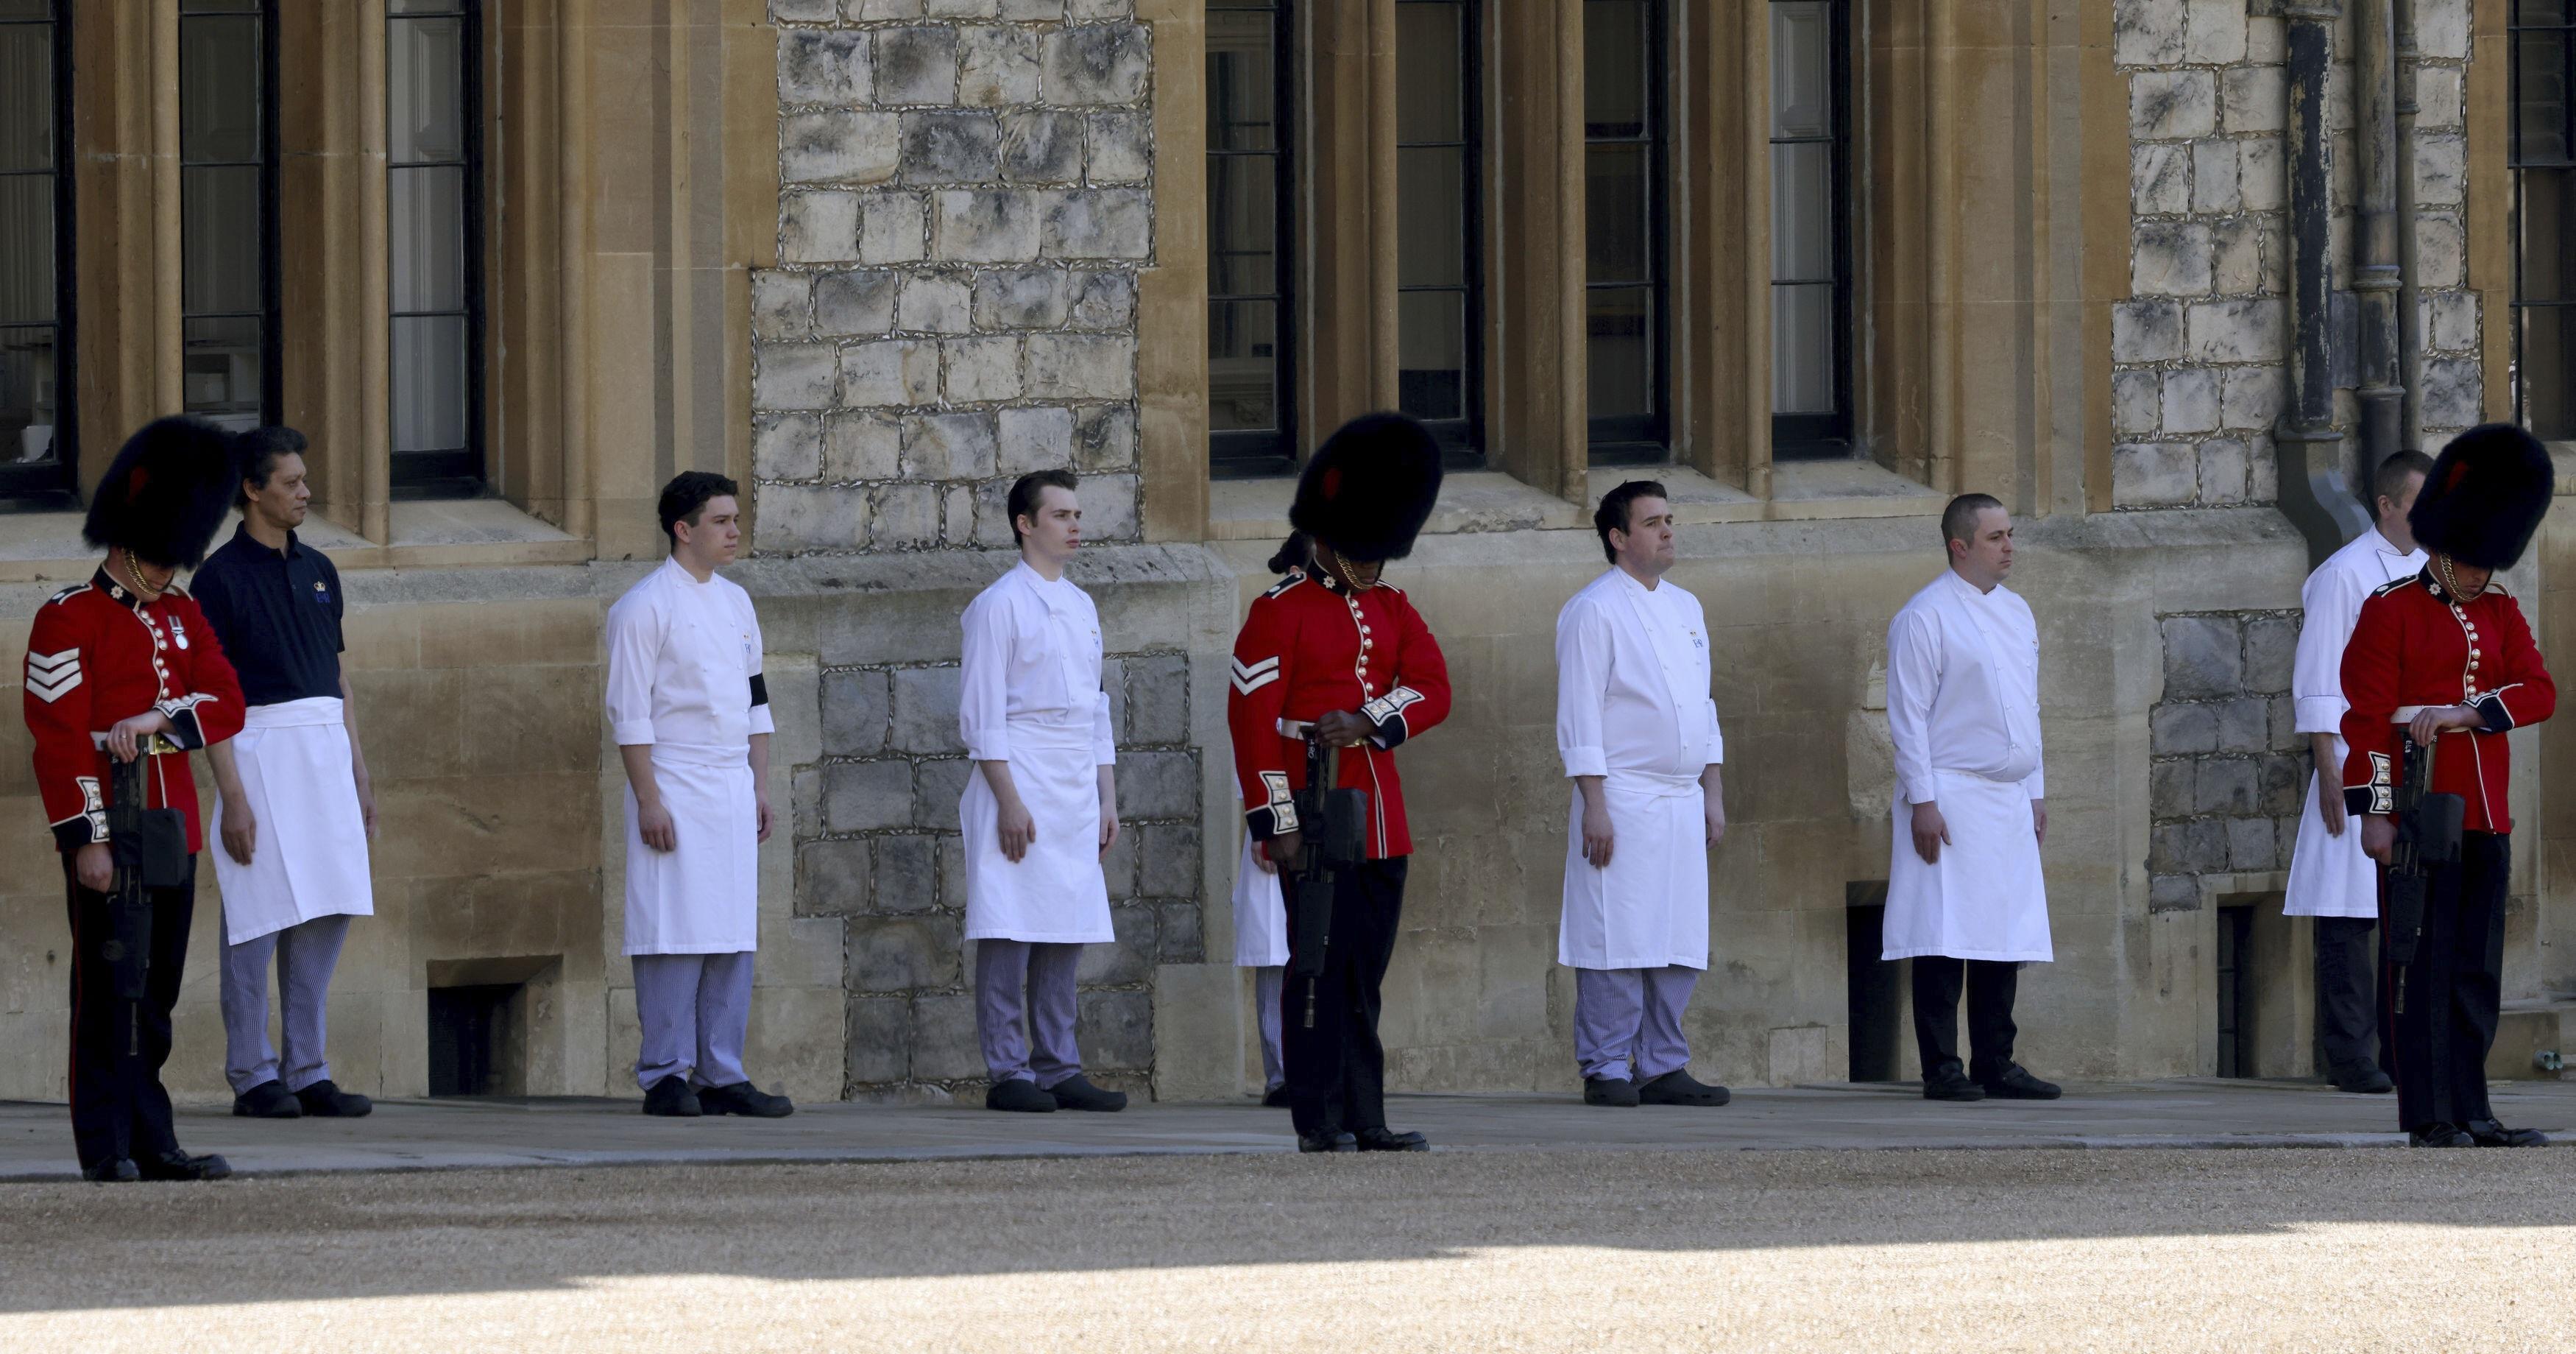 Miembros del personal de servicio del castillo de Windsor salieron a rendir honor al duque. (AP)